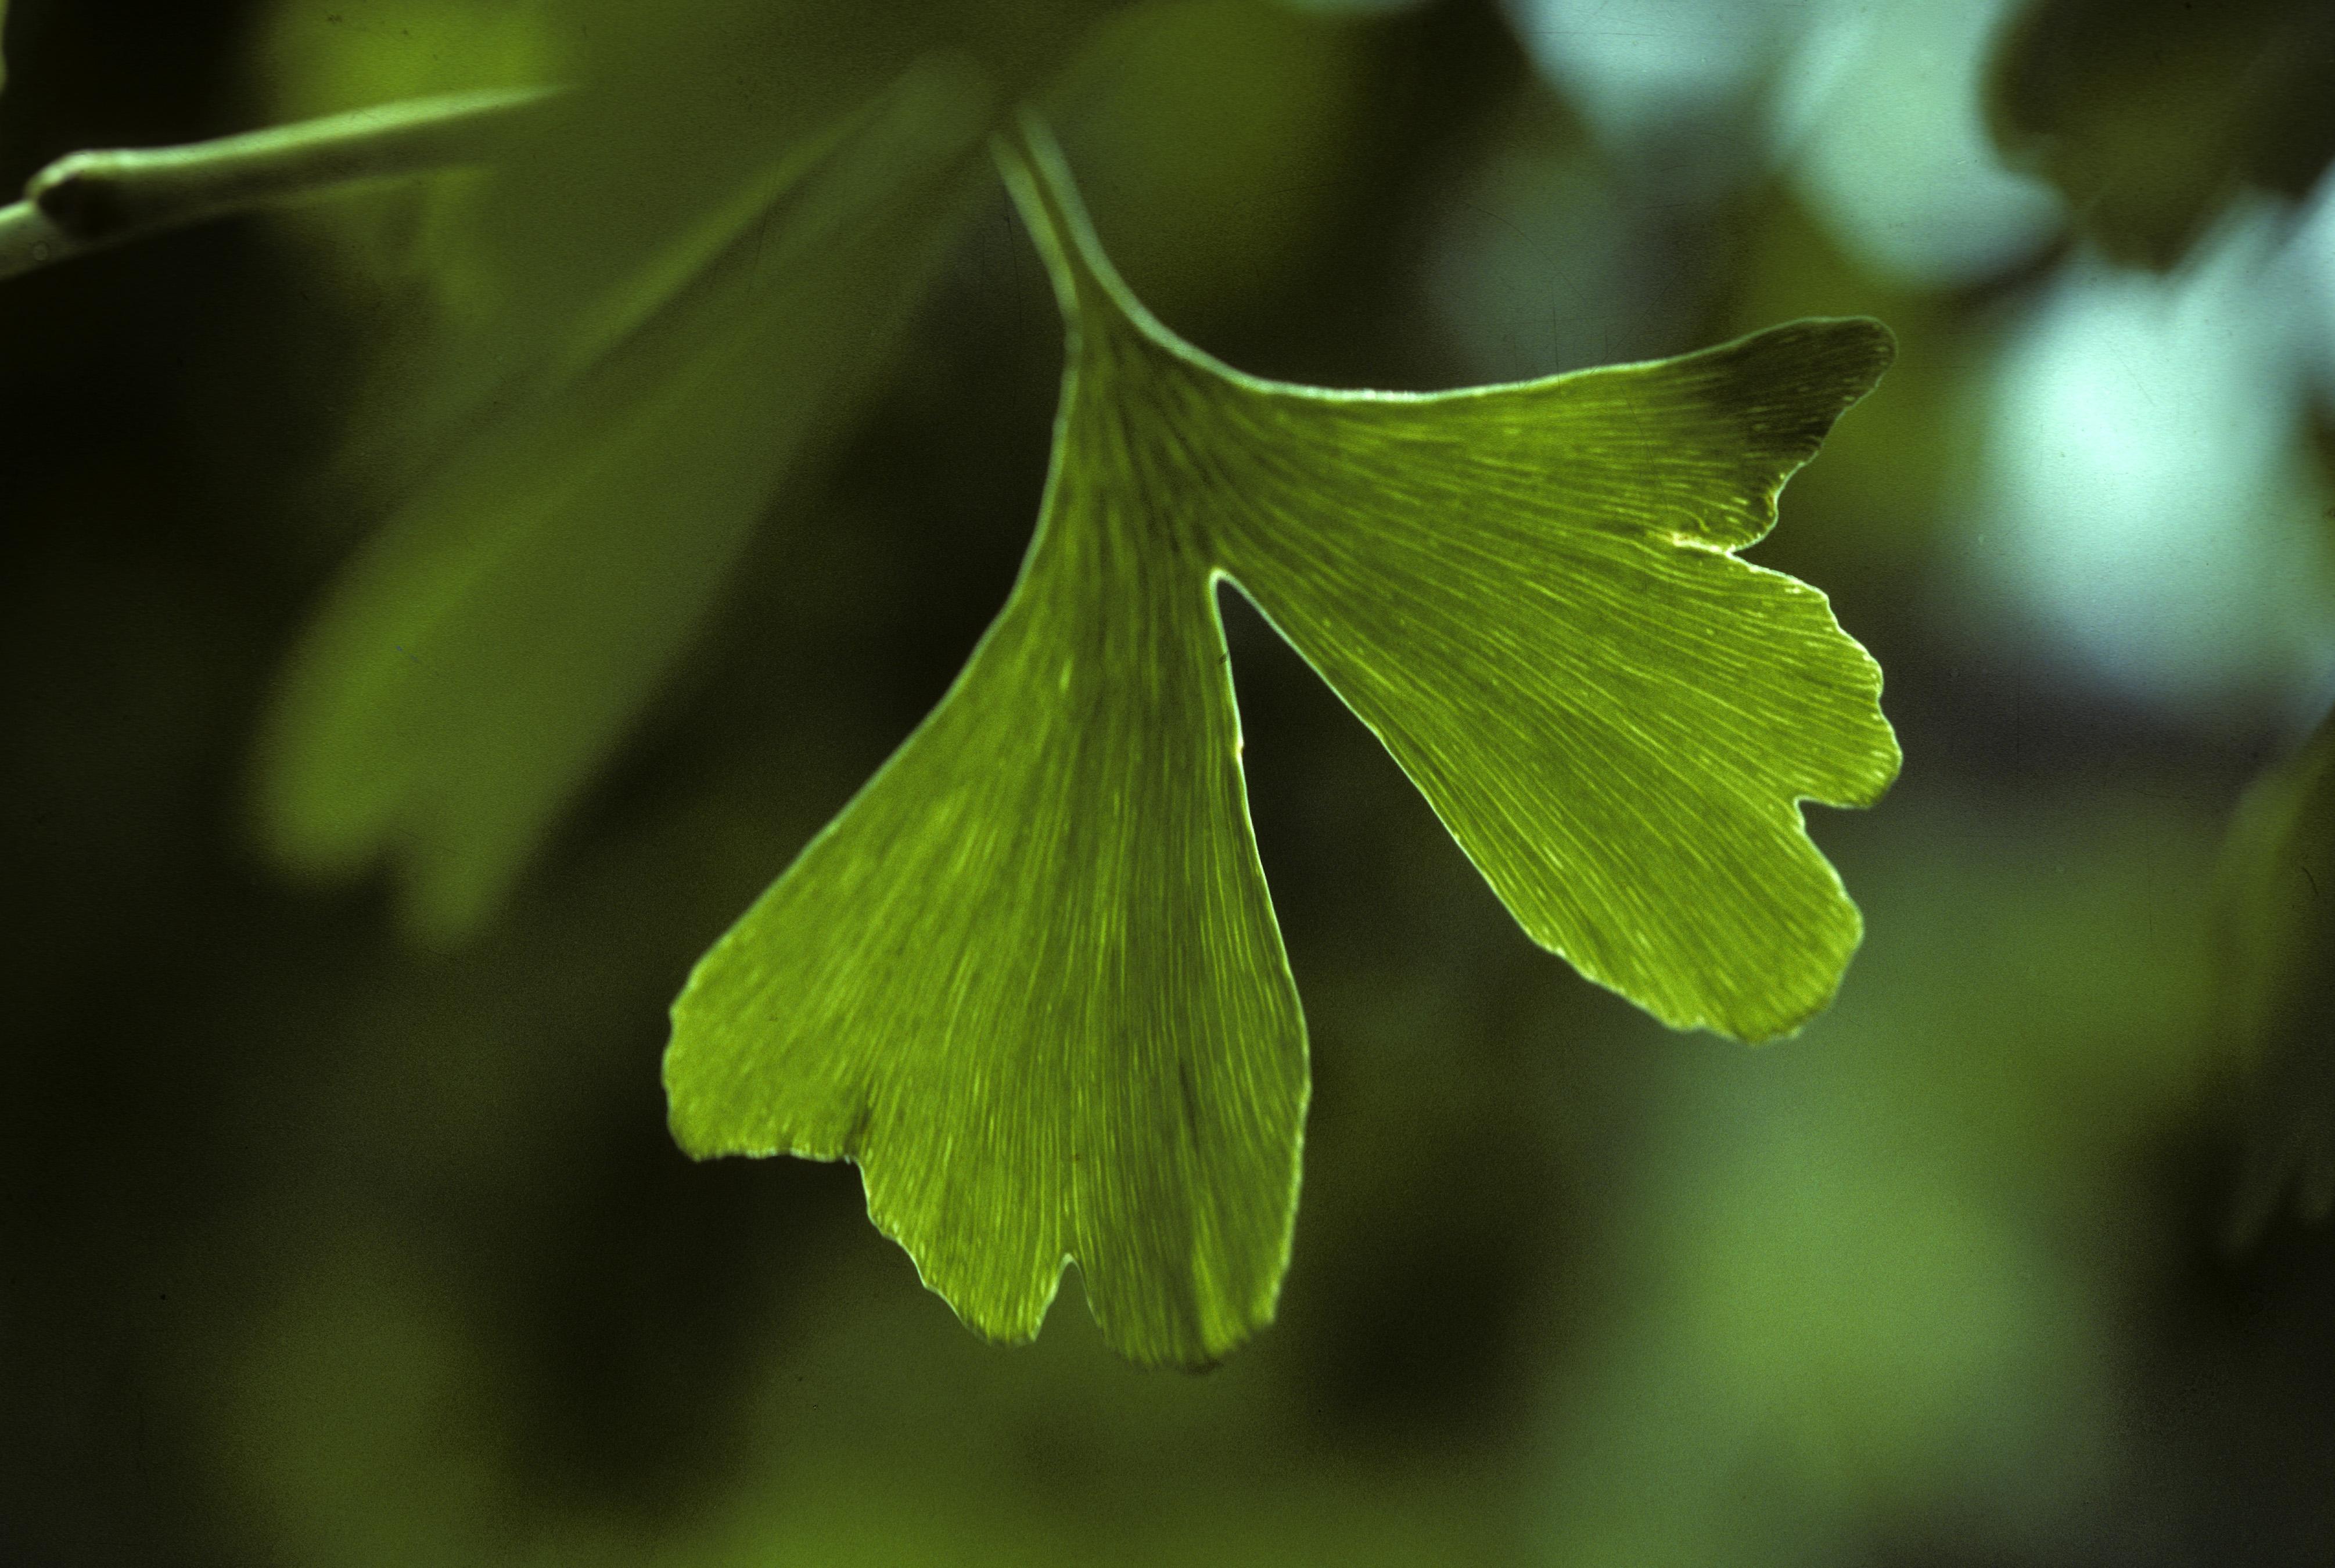 Gingko leaf, Ginkgo biloba